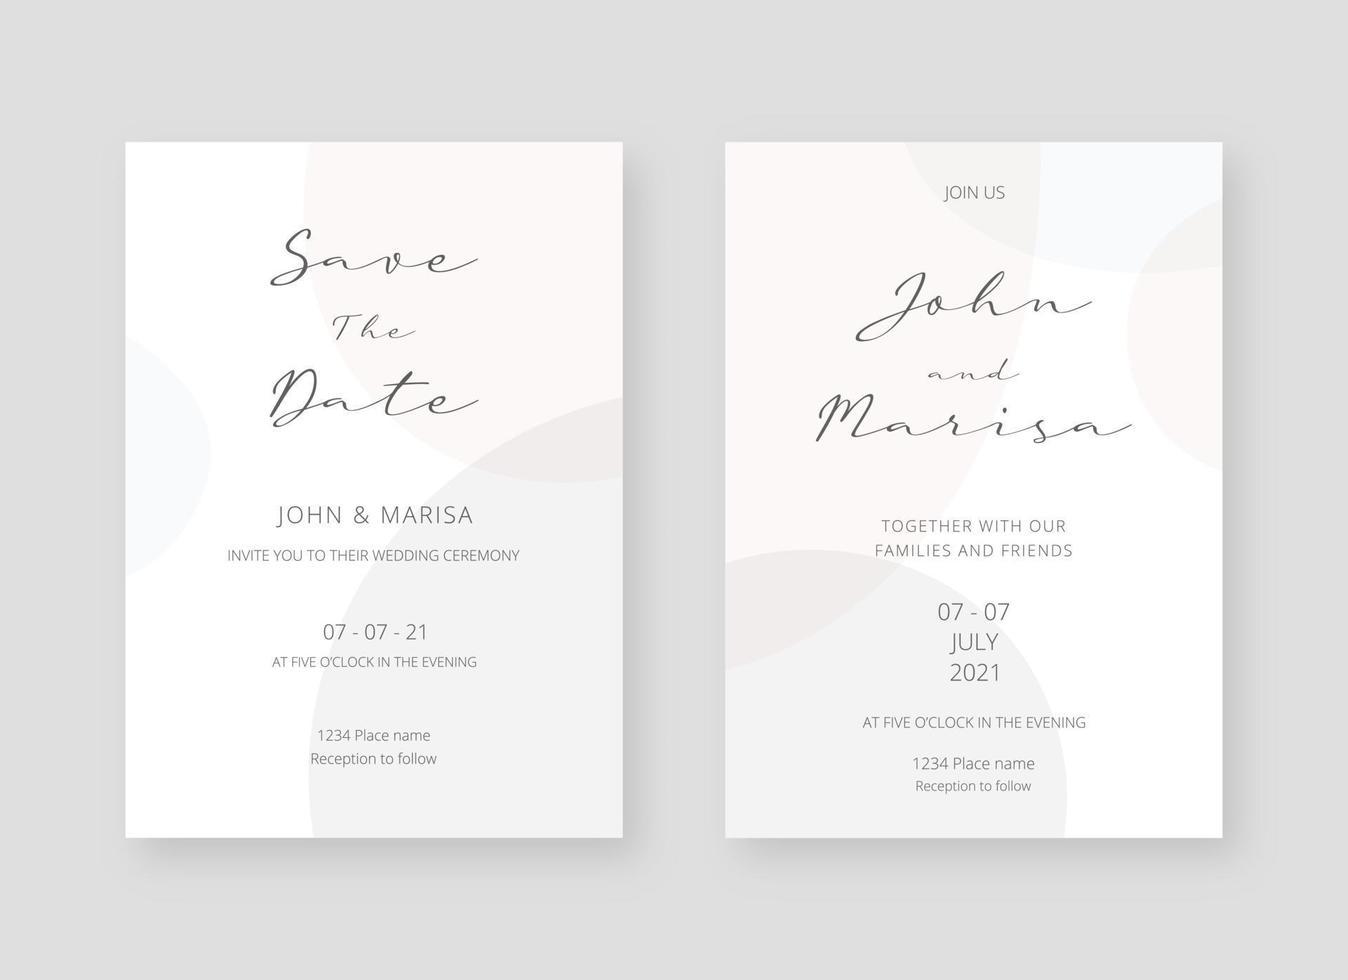 mall för inbjudningskort. uppsättning bröllop inbjudningskort mall design. vektor dekorativ design bakgrund.